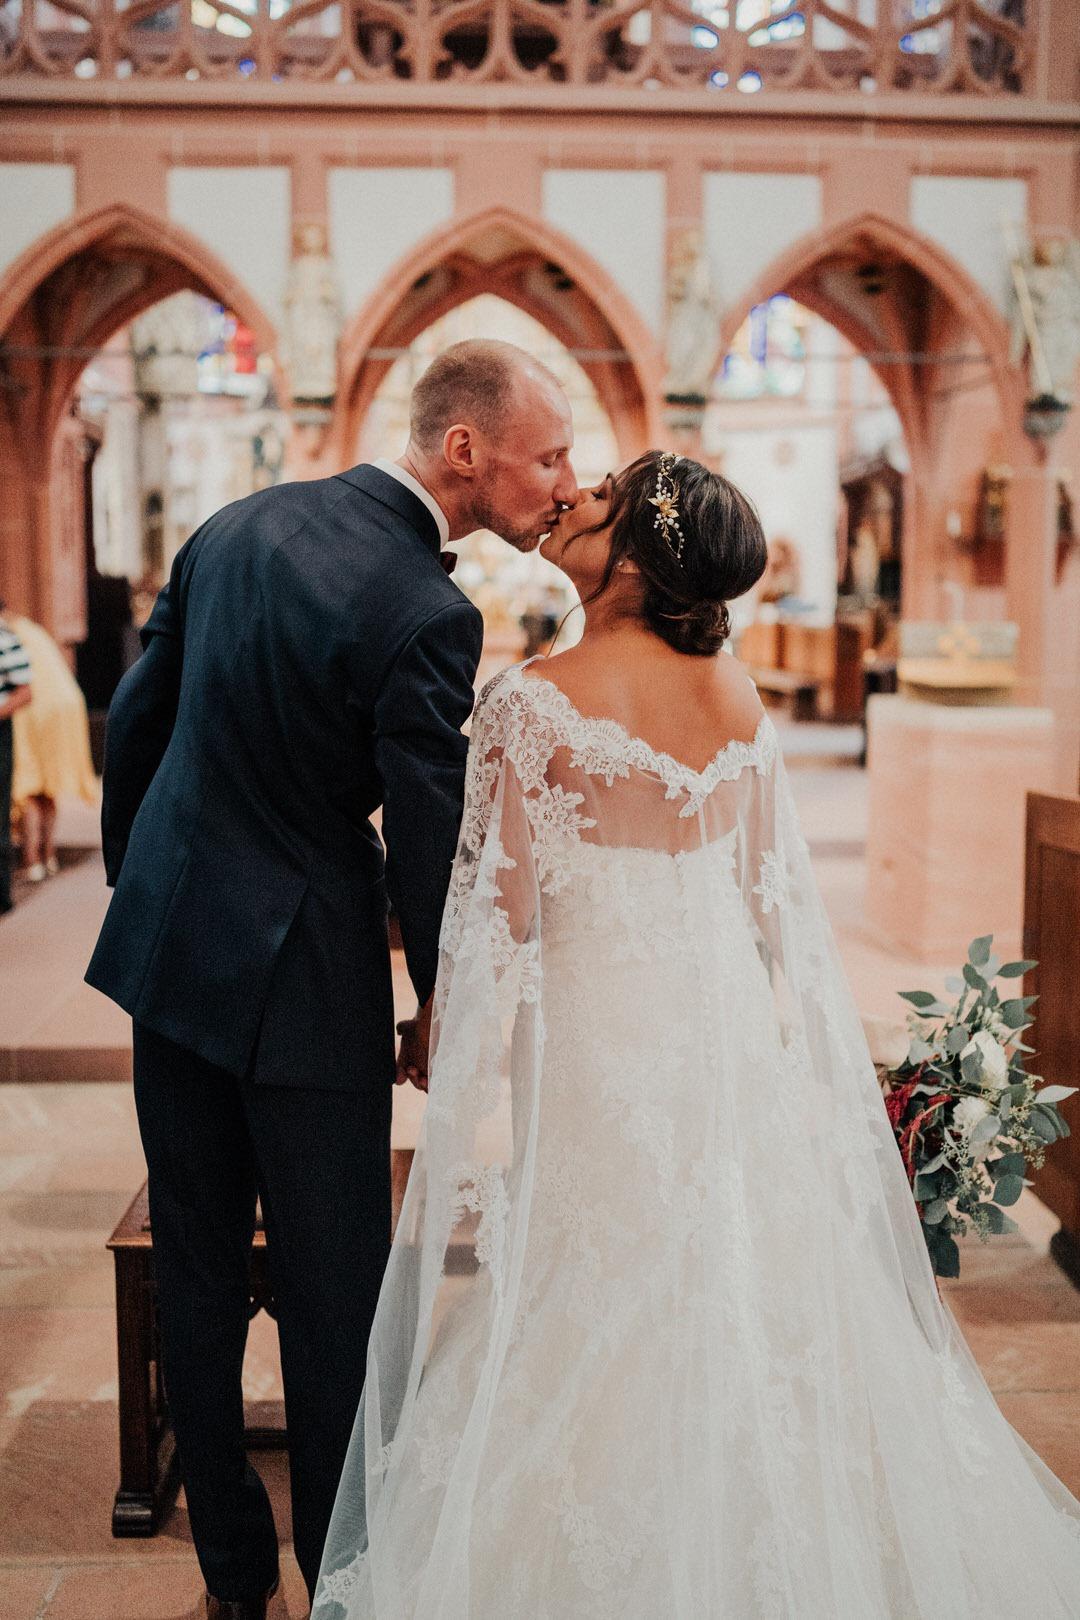 Boho-Brautpaar Kuss während kirchlicher Trauung